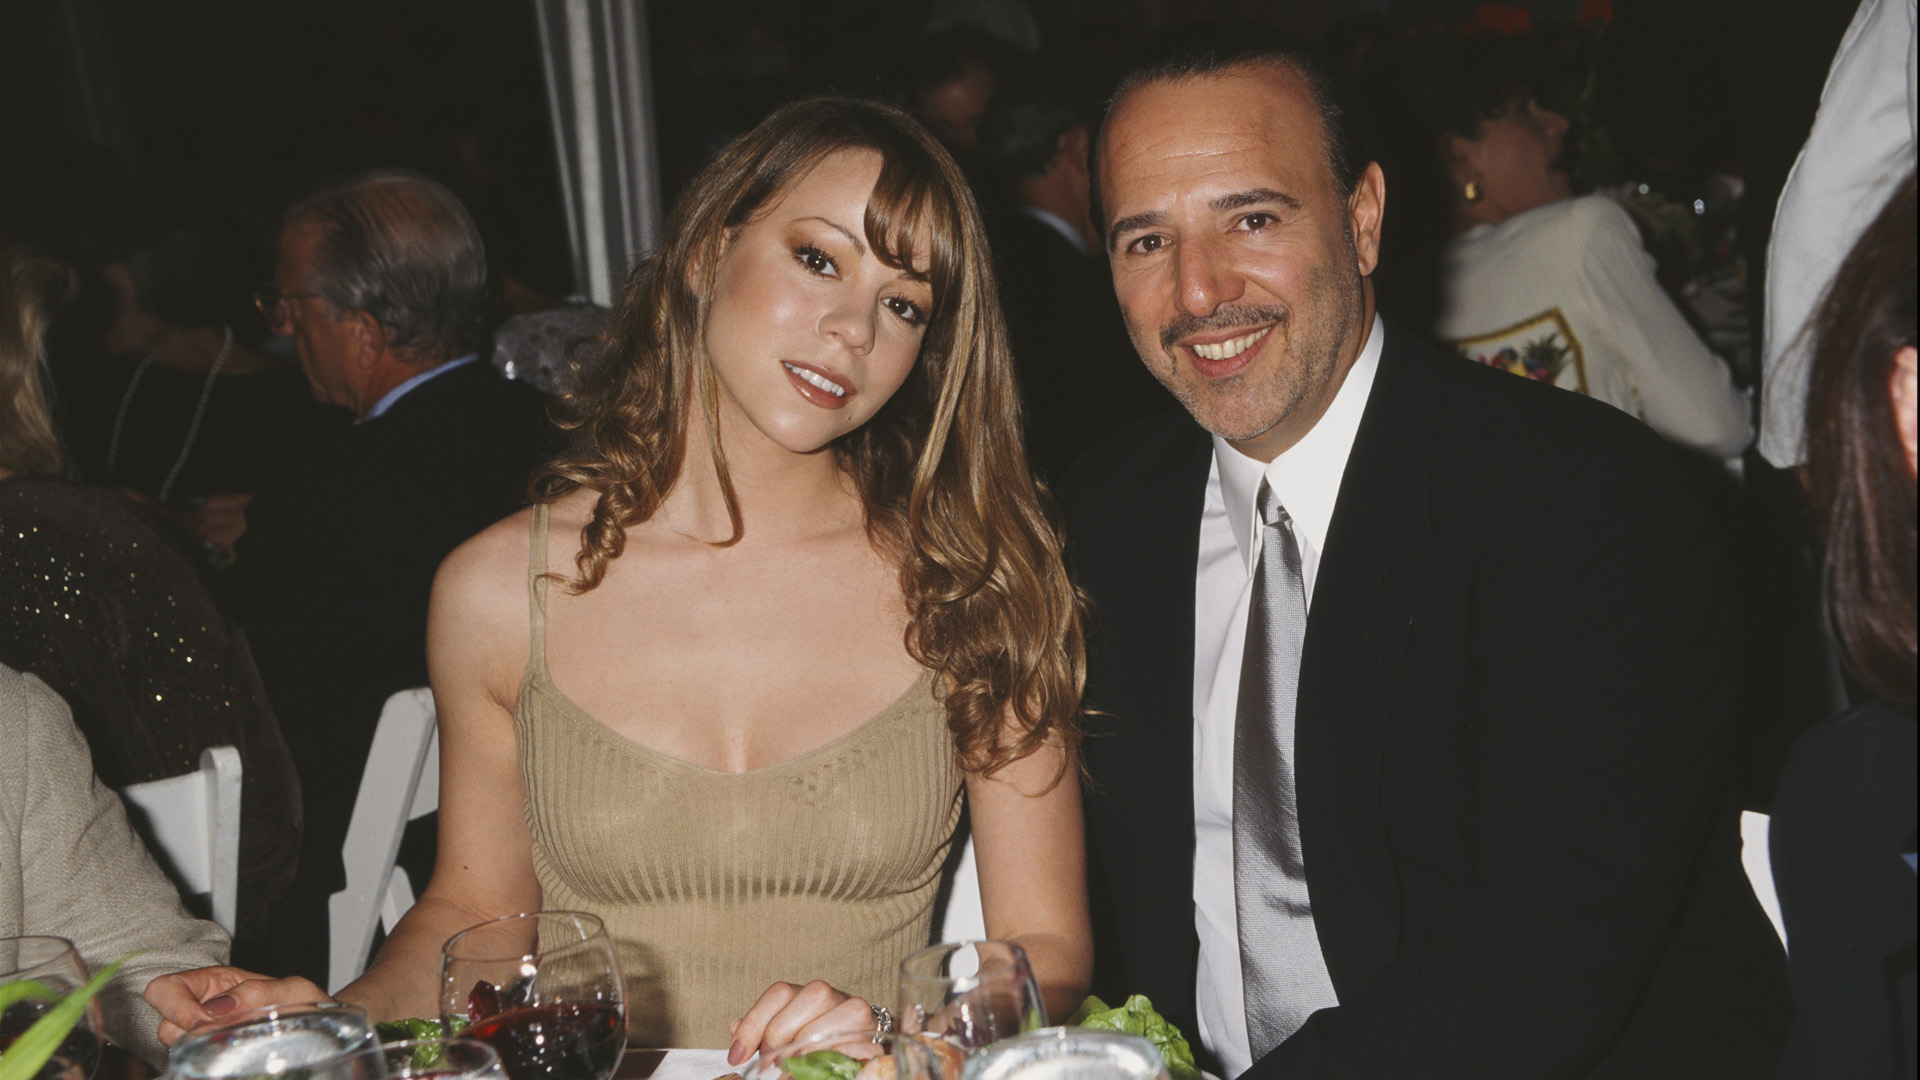 Mariah Carey karácsonyi dalának szomorú sztorija van